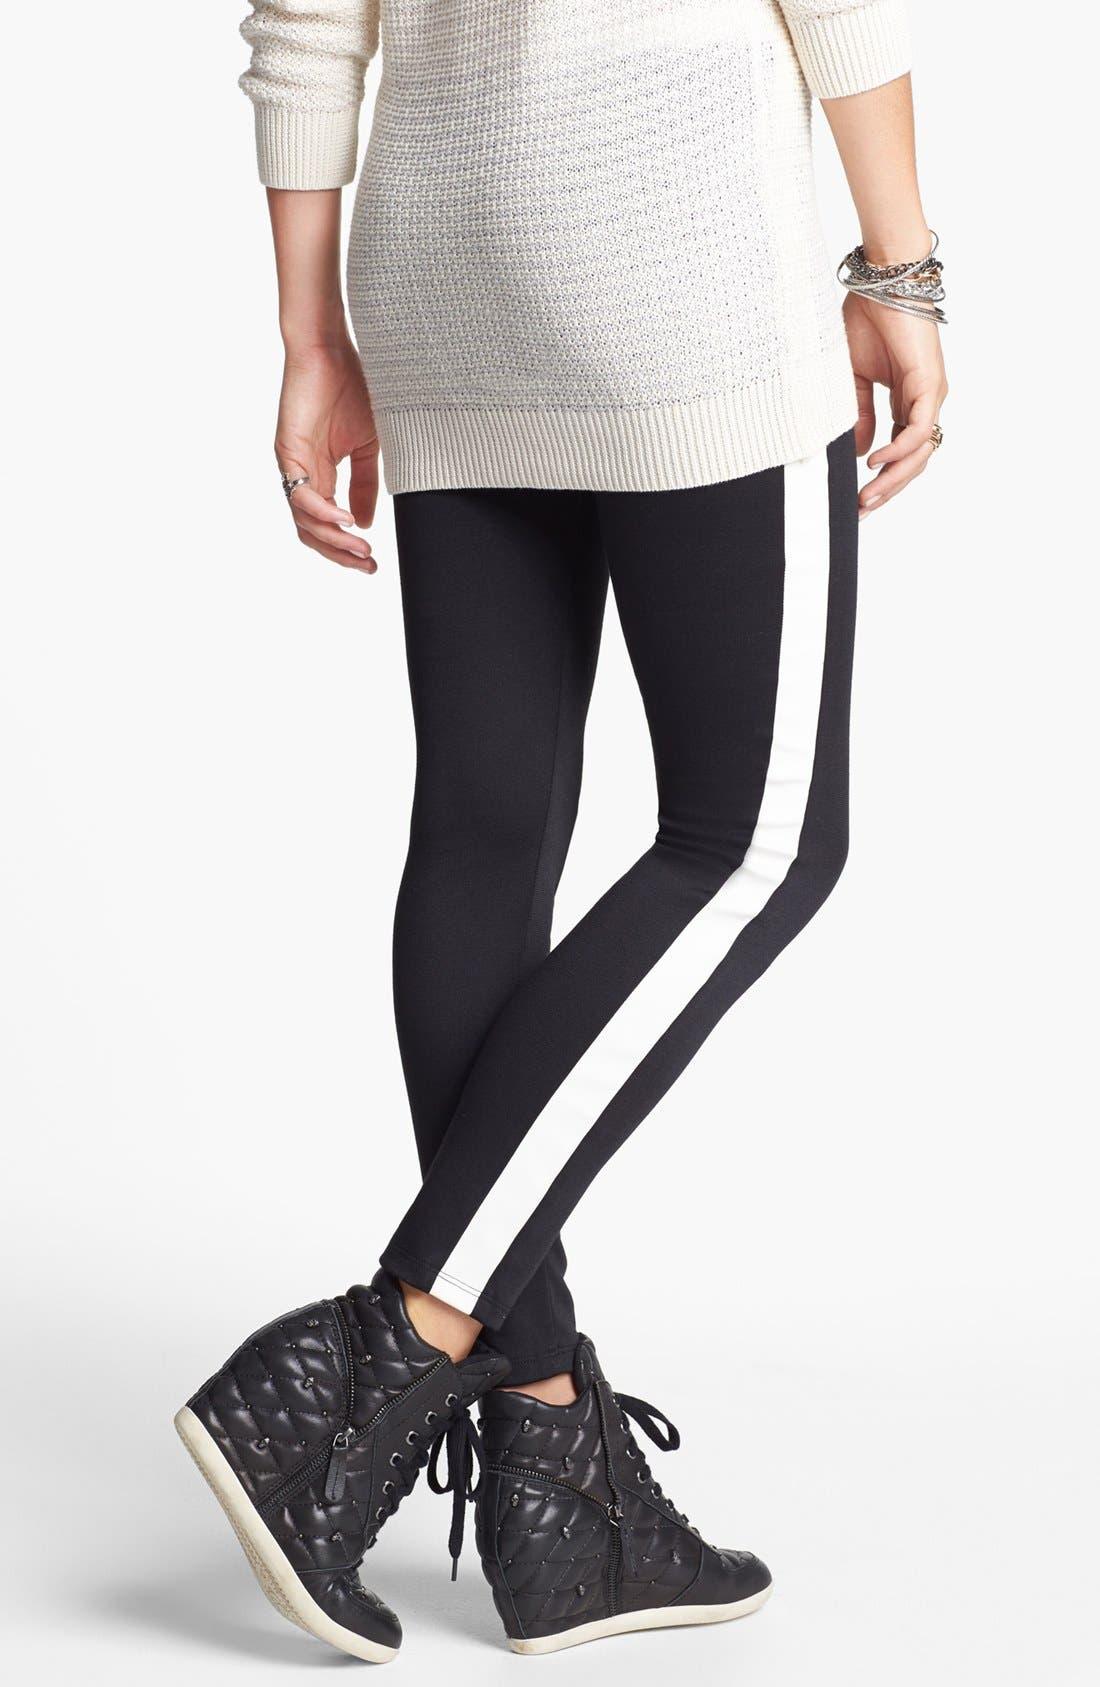 Alternate Image 1 Selected - Lily White Tuxedo Stripe Leggings (Juniors) (Online Only)